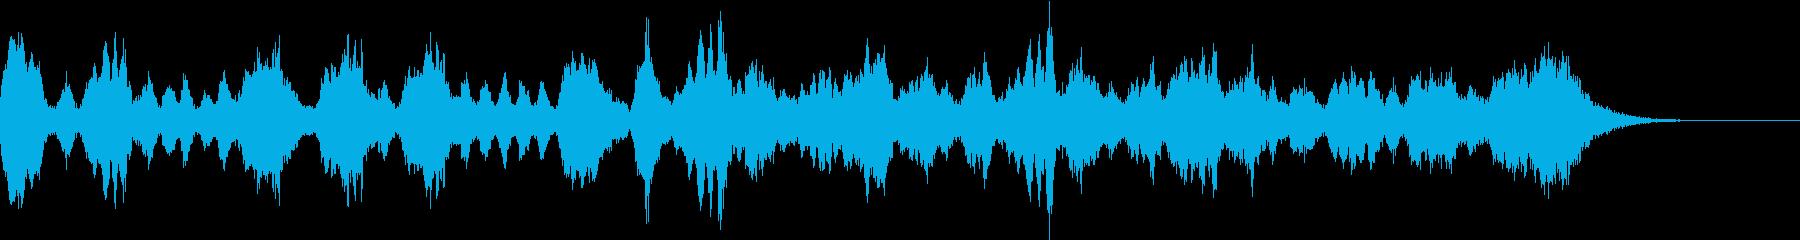 アイネ クライネ ナハトムジーク  冒頭の再生済みの波形